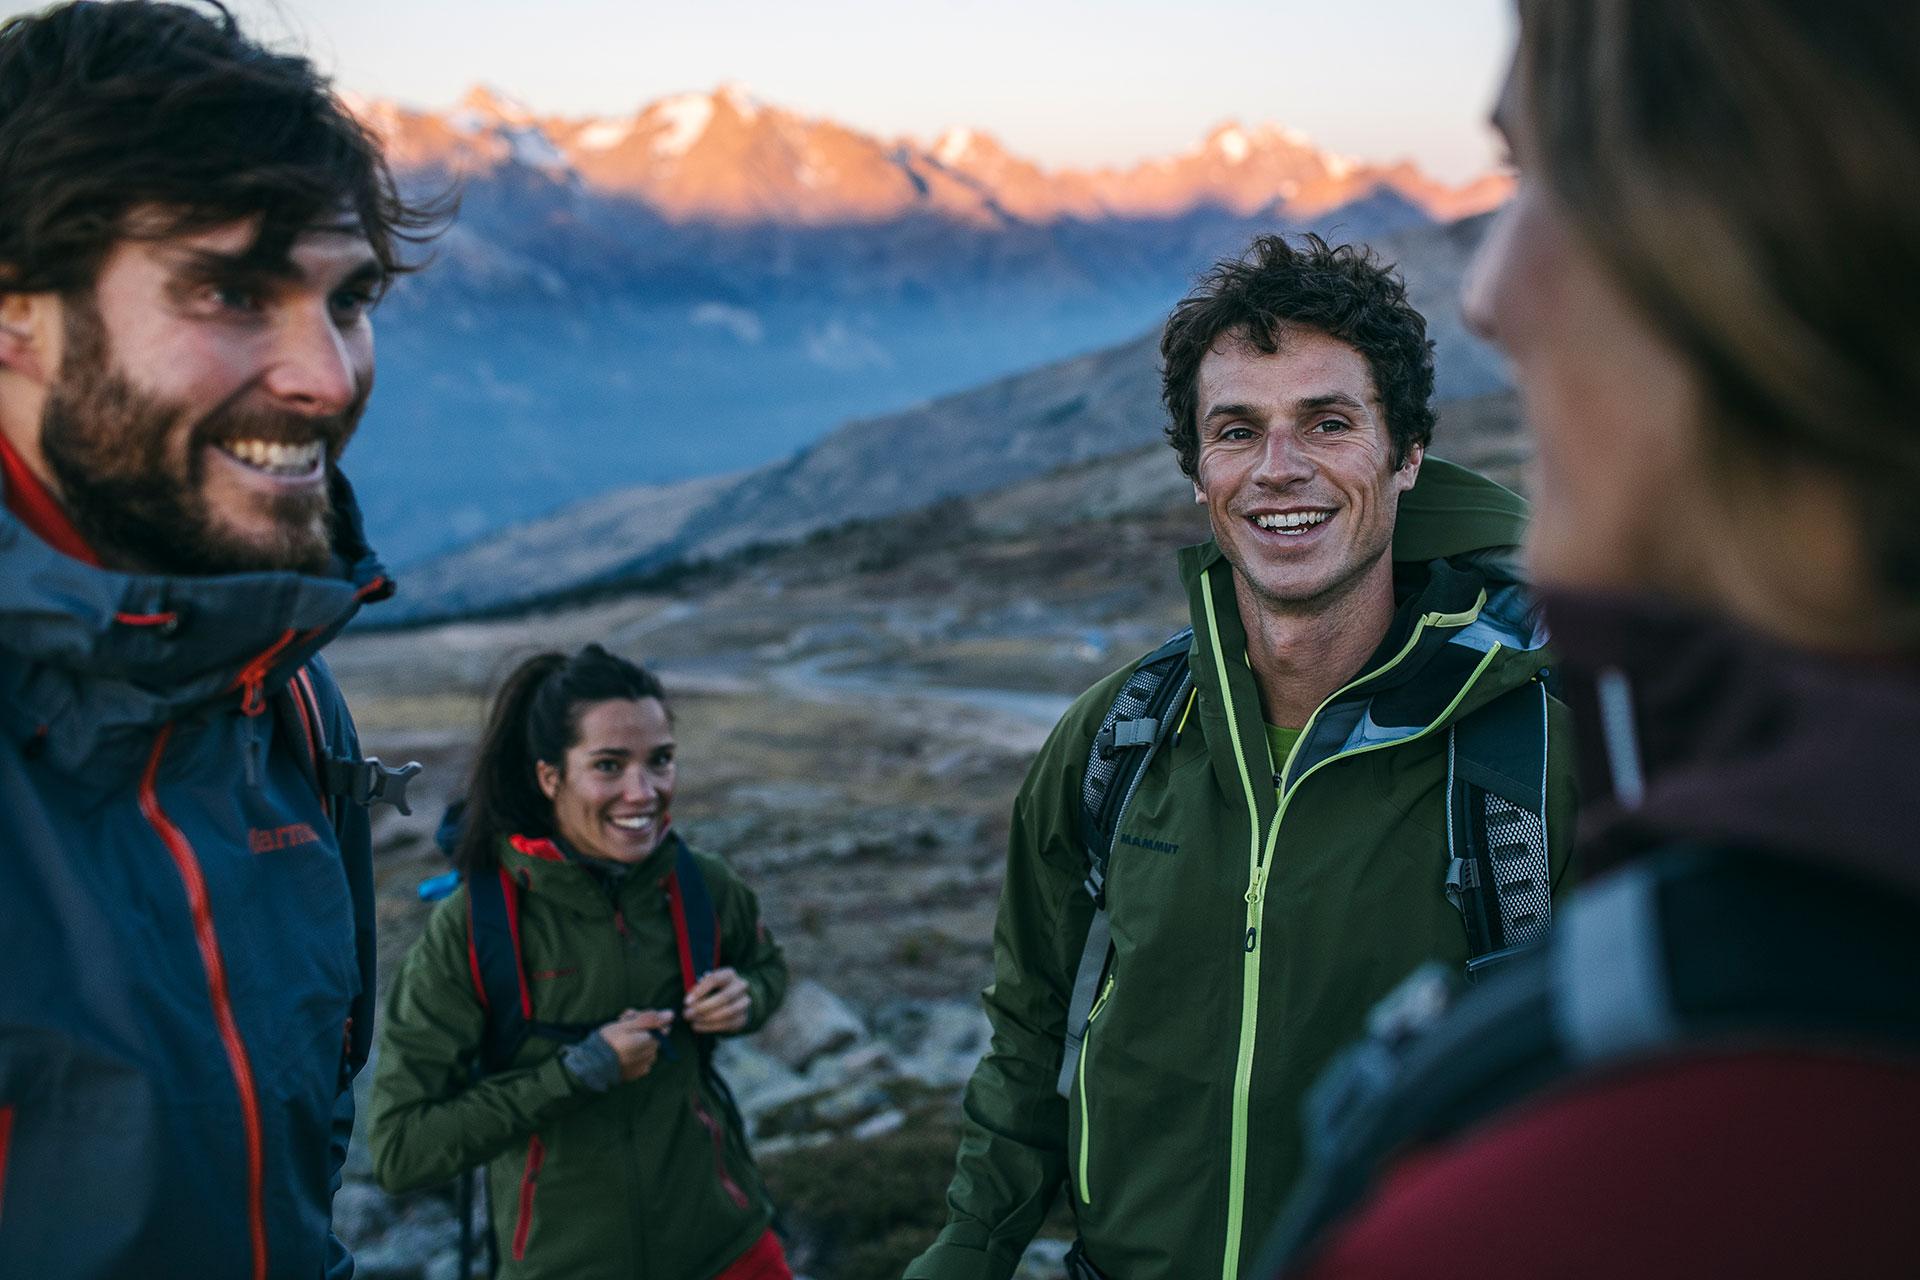 Berge Landschaft Wandern Trekking Sport Outdoor Fotograf Michael Müller Katalog München